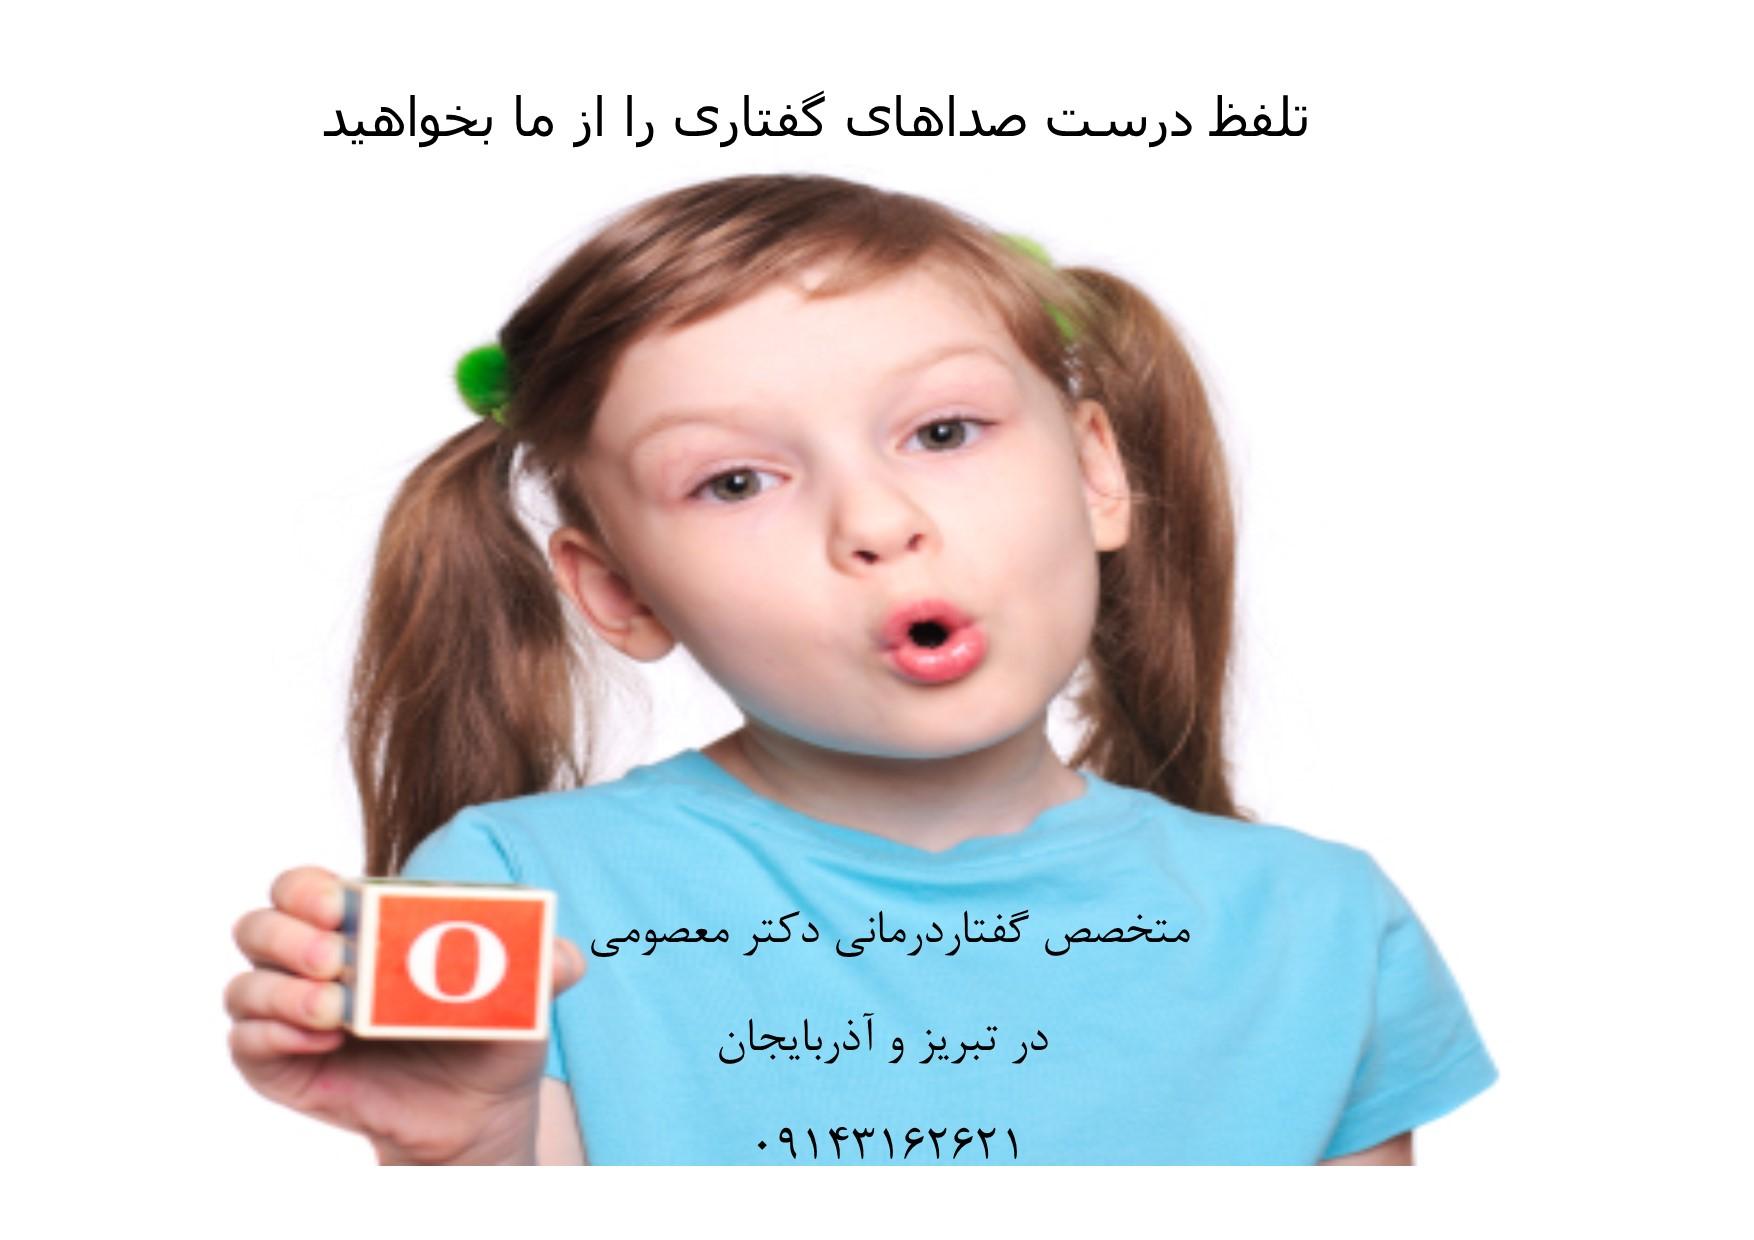 اختلالات تلفظی گفتاردرمانی تبریز آذربایجان